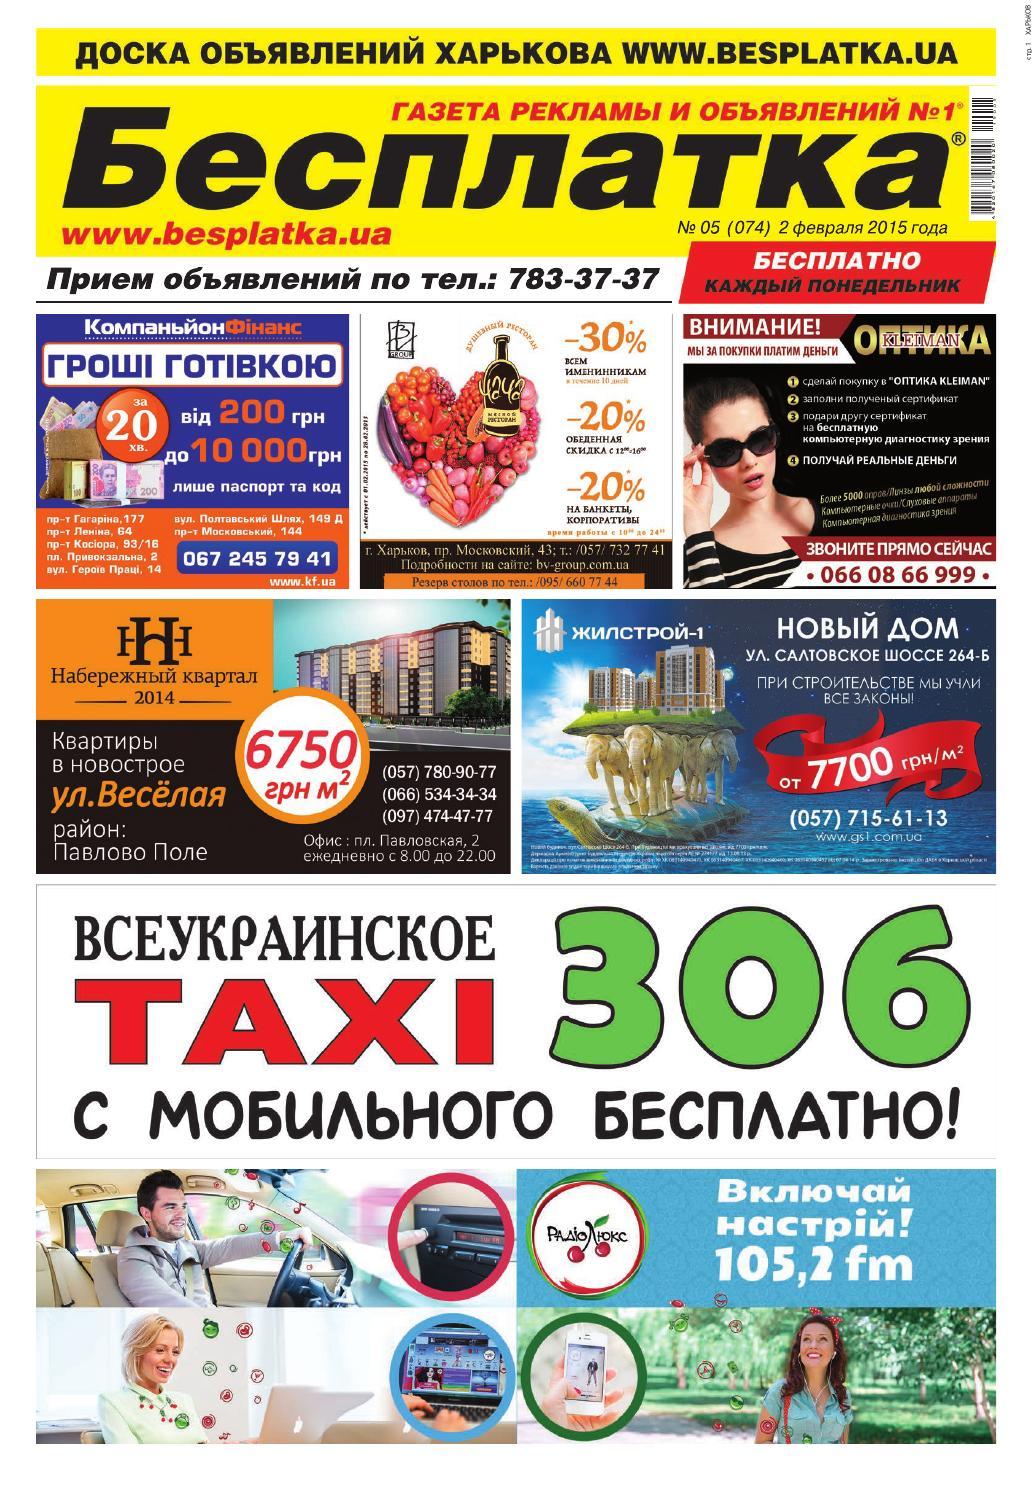 Besplatka kharkov 02 02 2015 by besplatka ukraine - issuu 5b620aefdd3ac